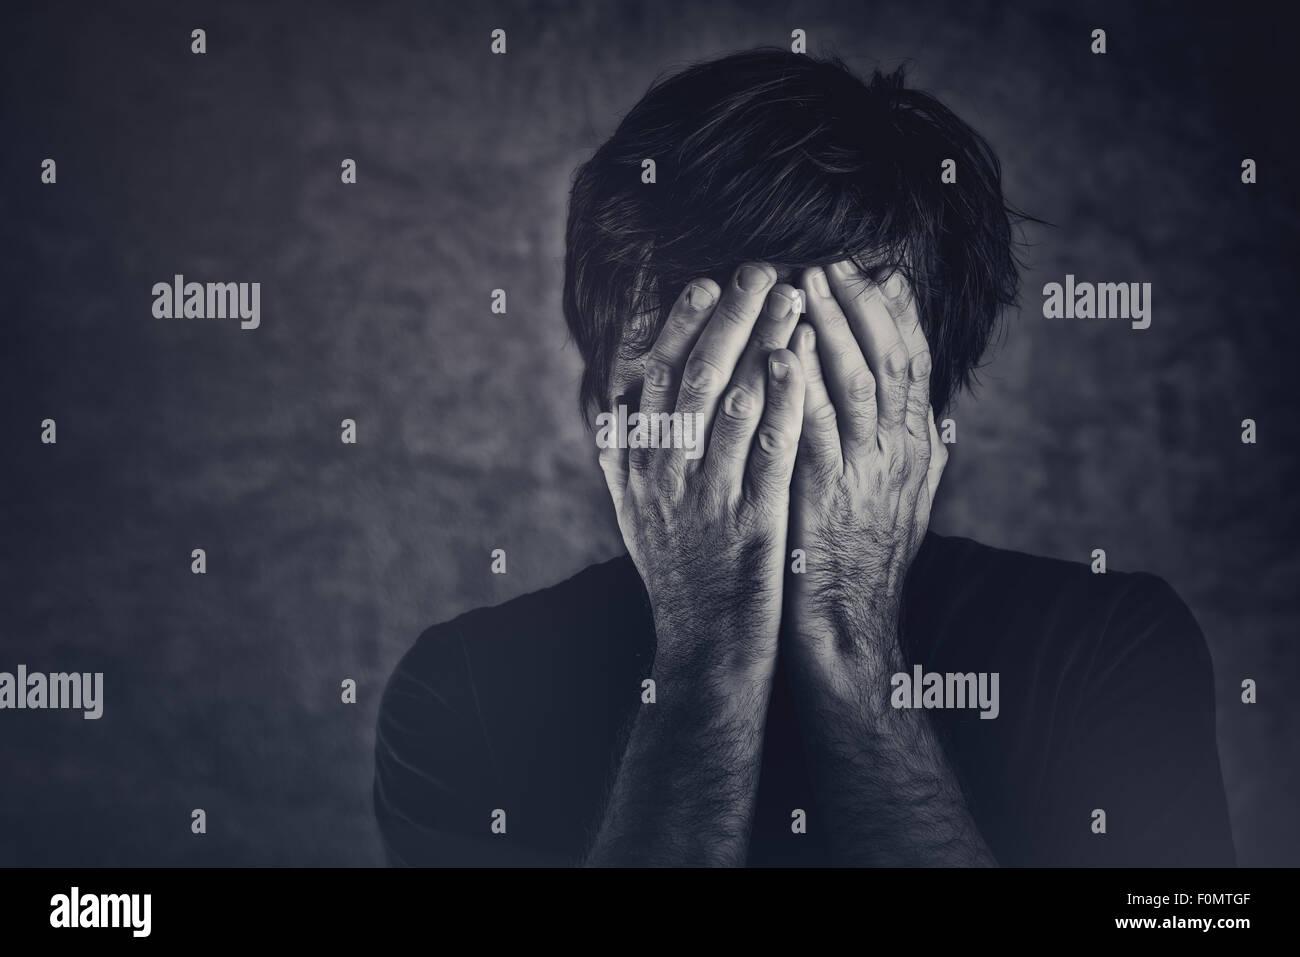 Trauer, Mann Bedeckung Gesicht und weinend, monochromen Bild Stockbild